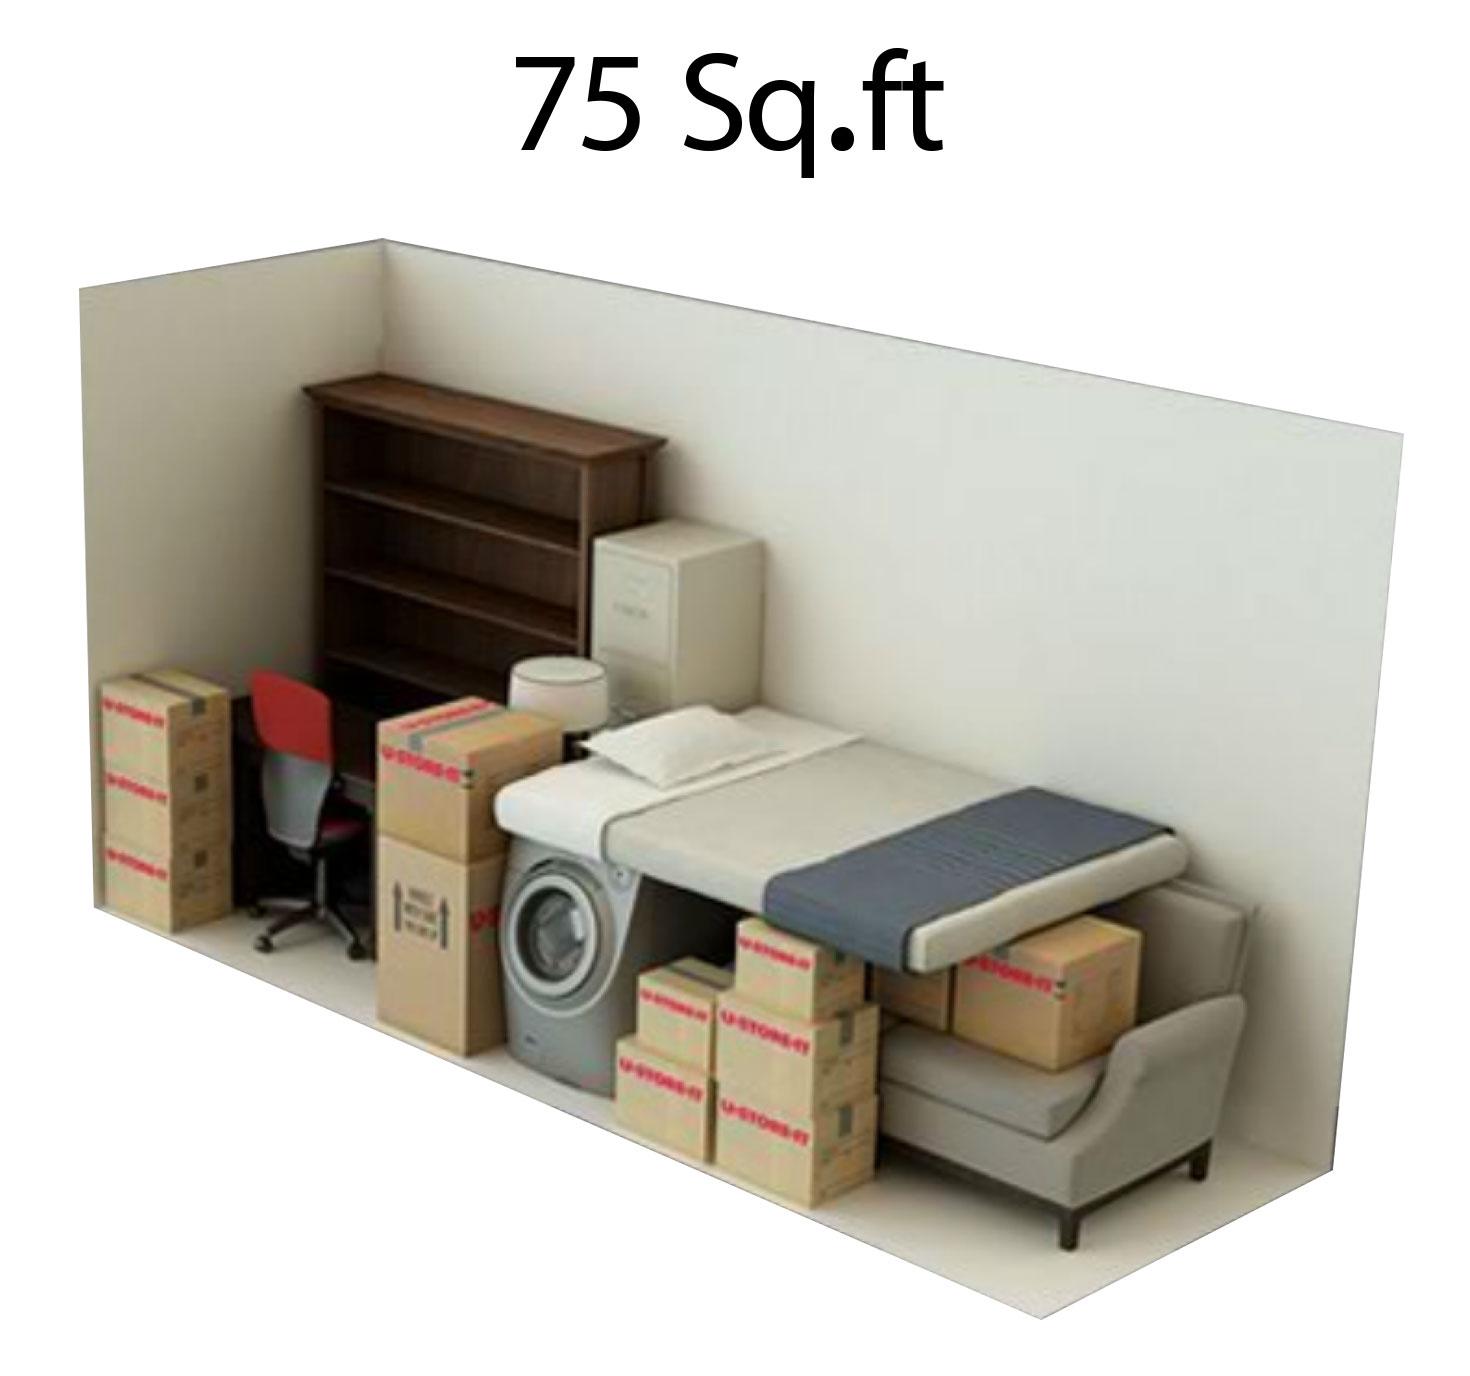 75 sgft storage